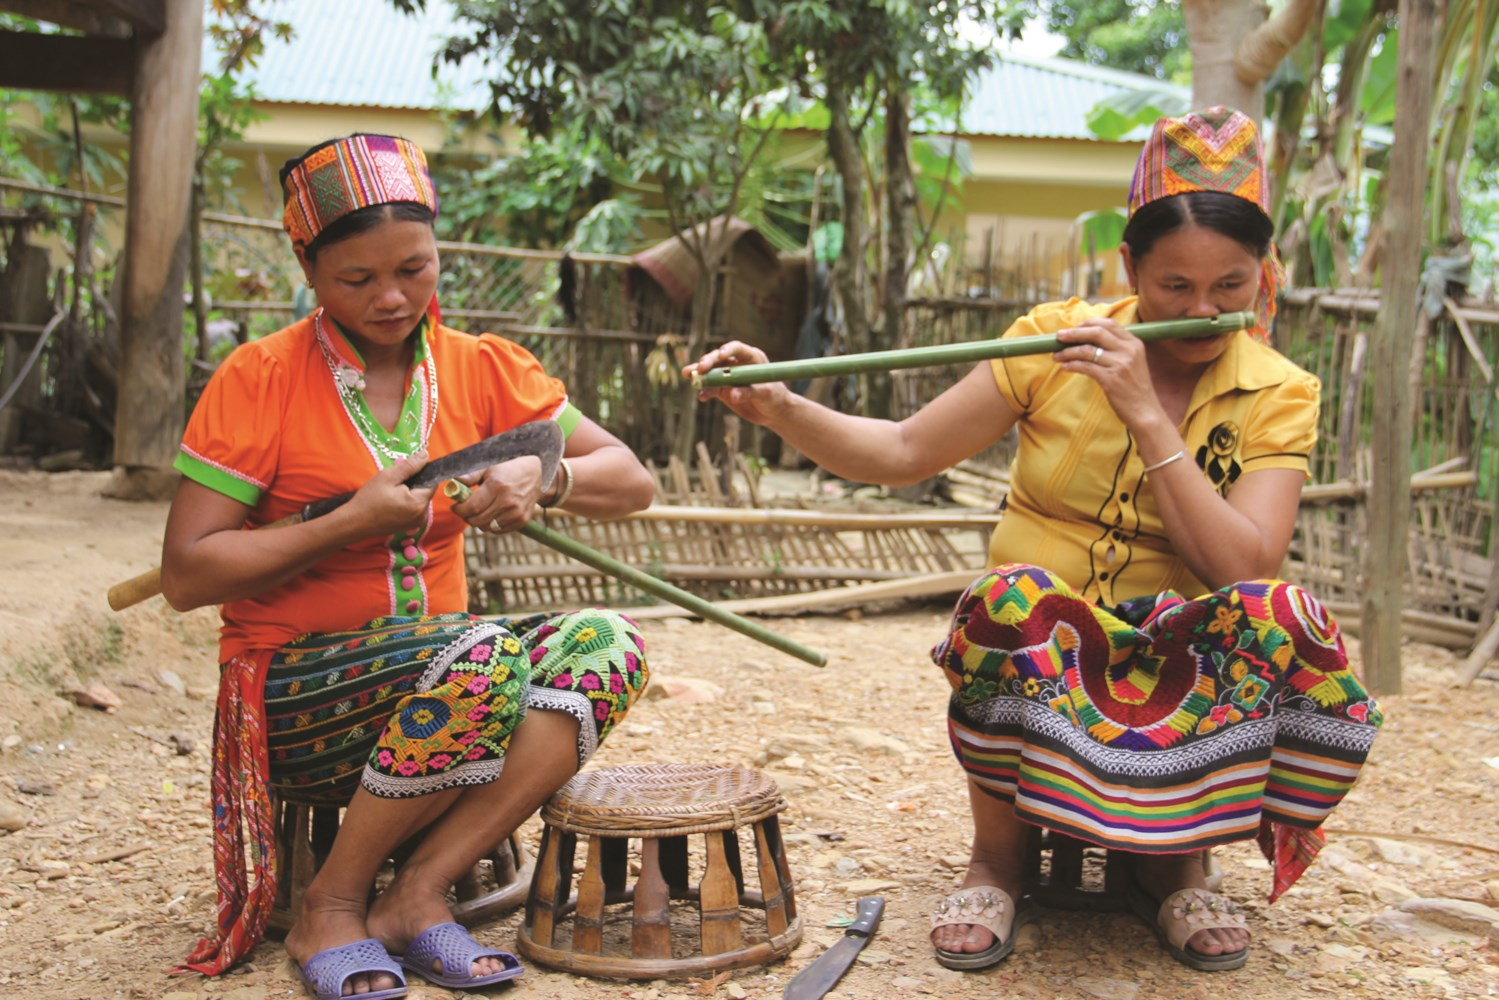 Những người phụ nữ Khơ-mú khéo léo chế tác sáo và biểu diễn thổi sáo mũi